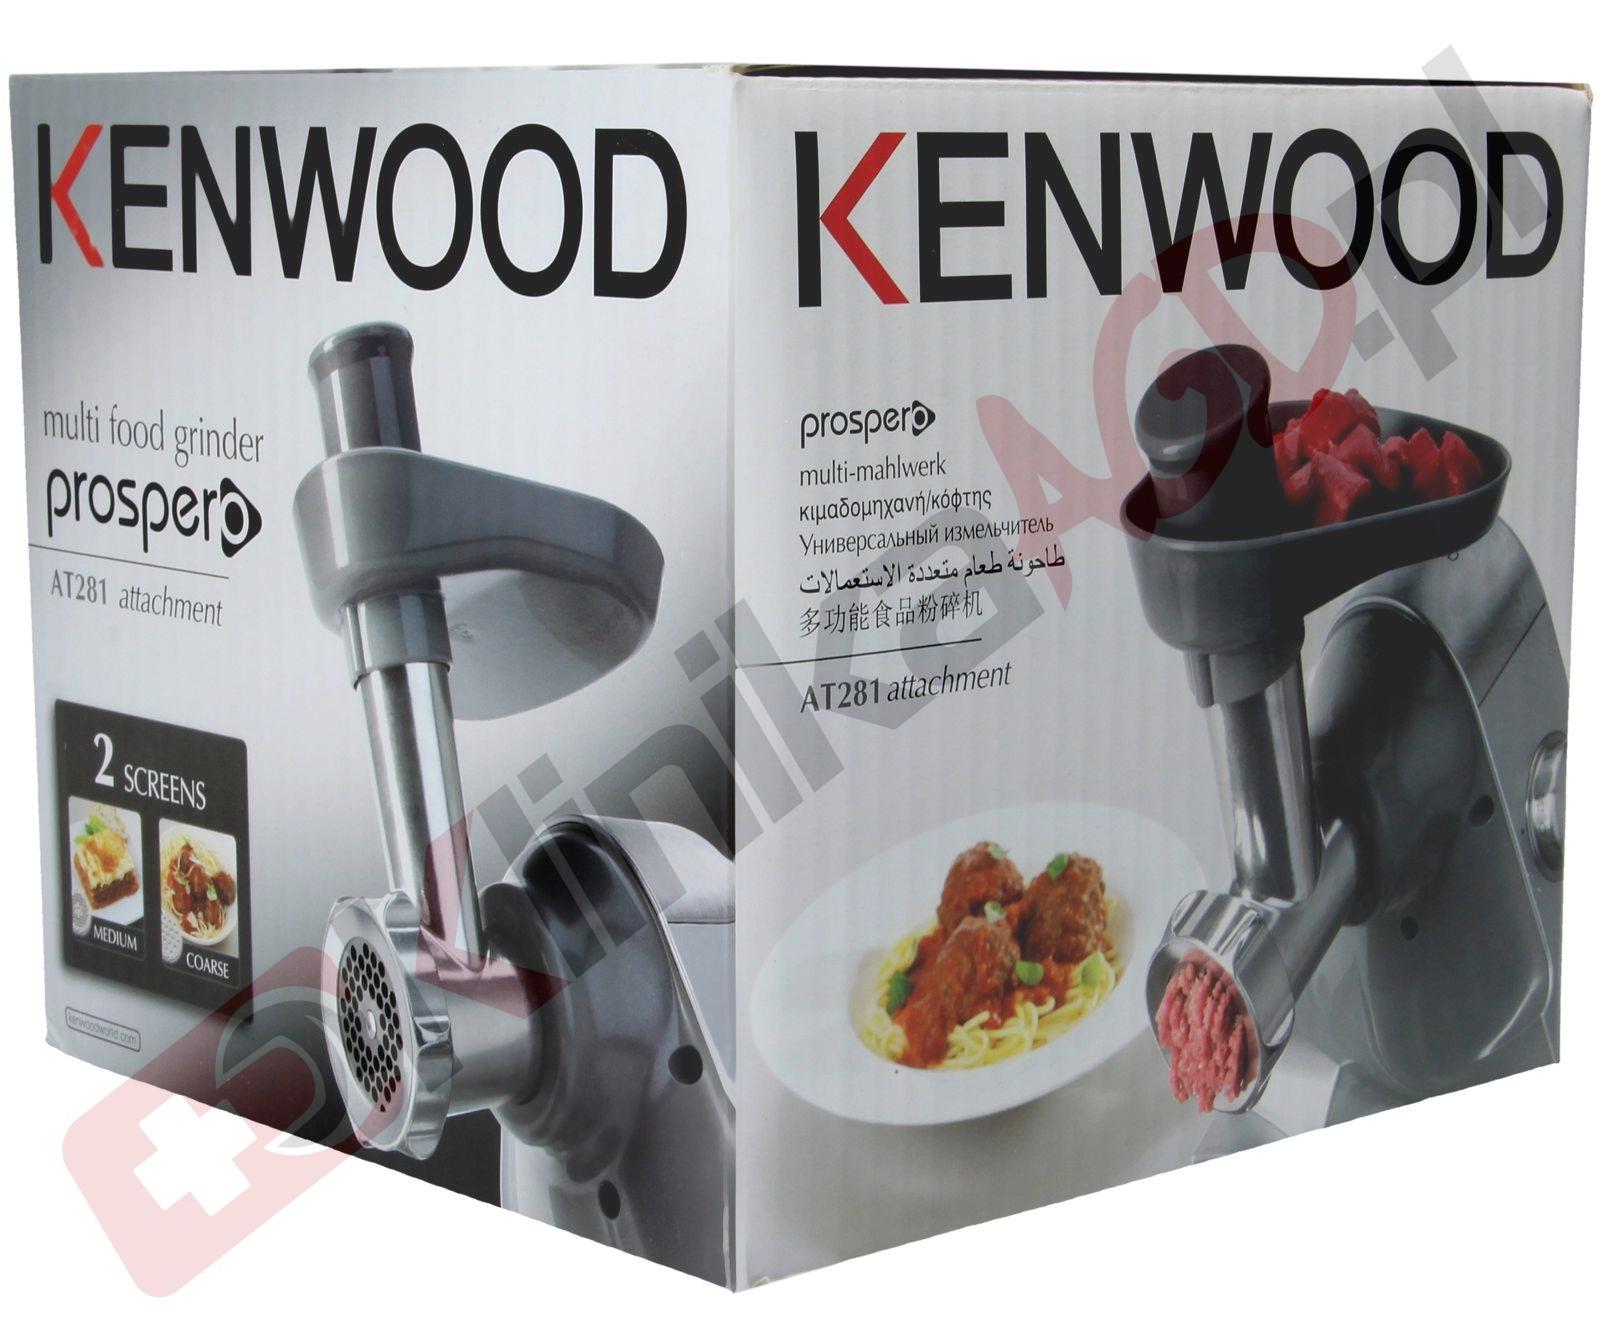 Maszynka do mielenia przystawka do robotów Prospero Kenwood